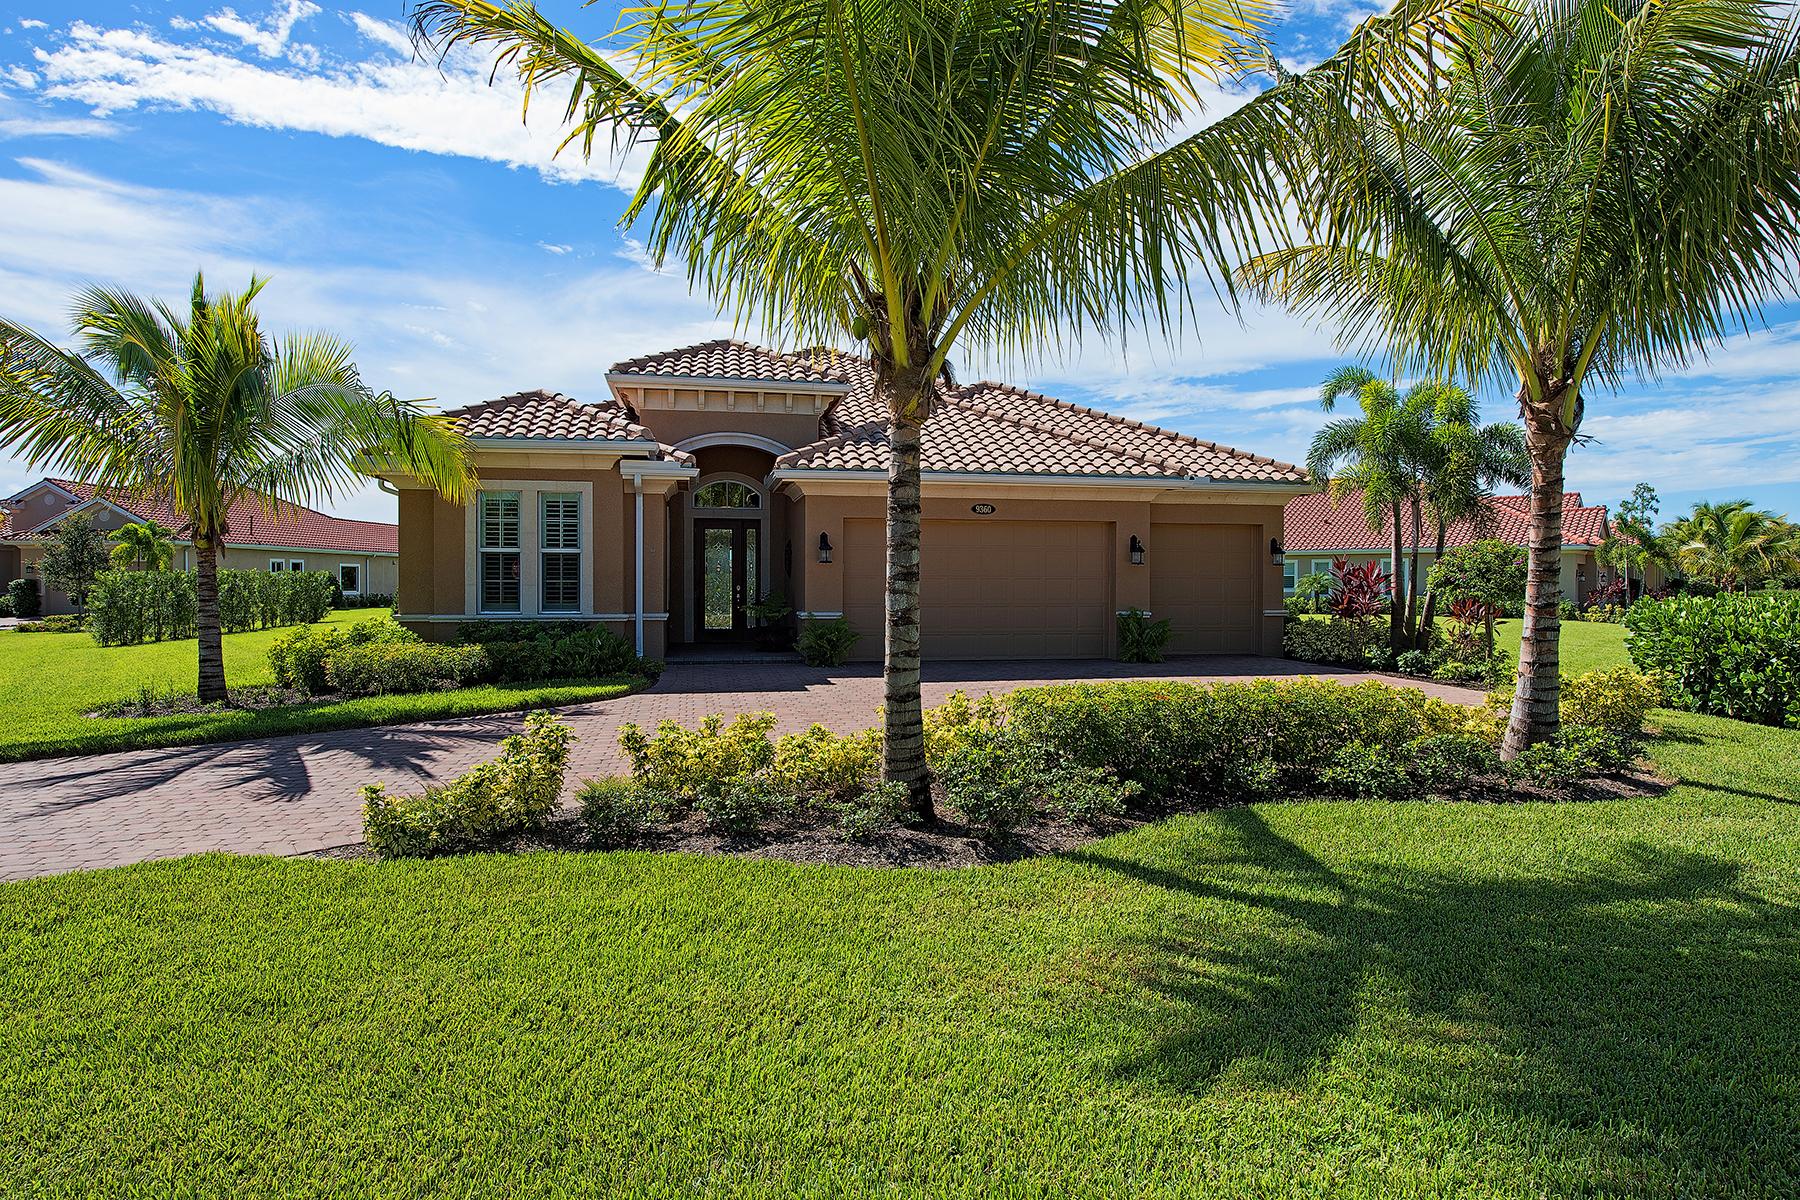 独户住宅 为 销售 在 FIDDLERS CREEK 9360 Vadala Bend Ct 那不勒斯, 佛罗里达州, 34114 美国